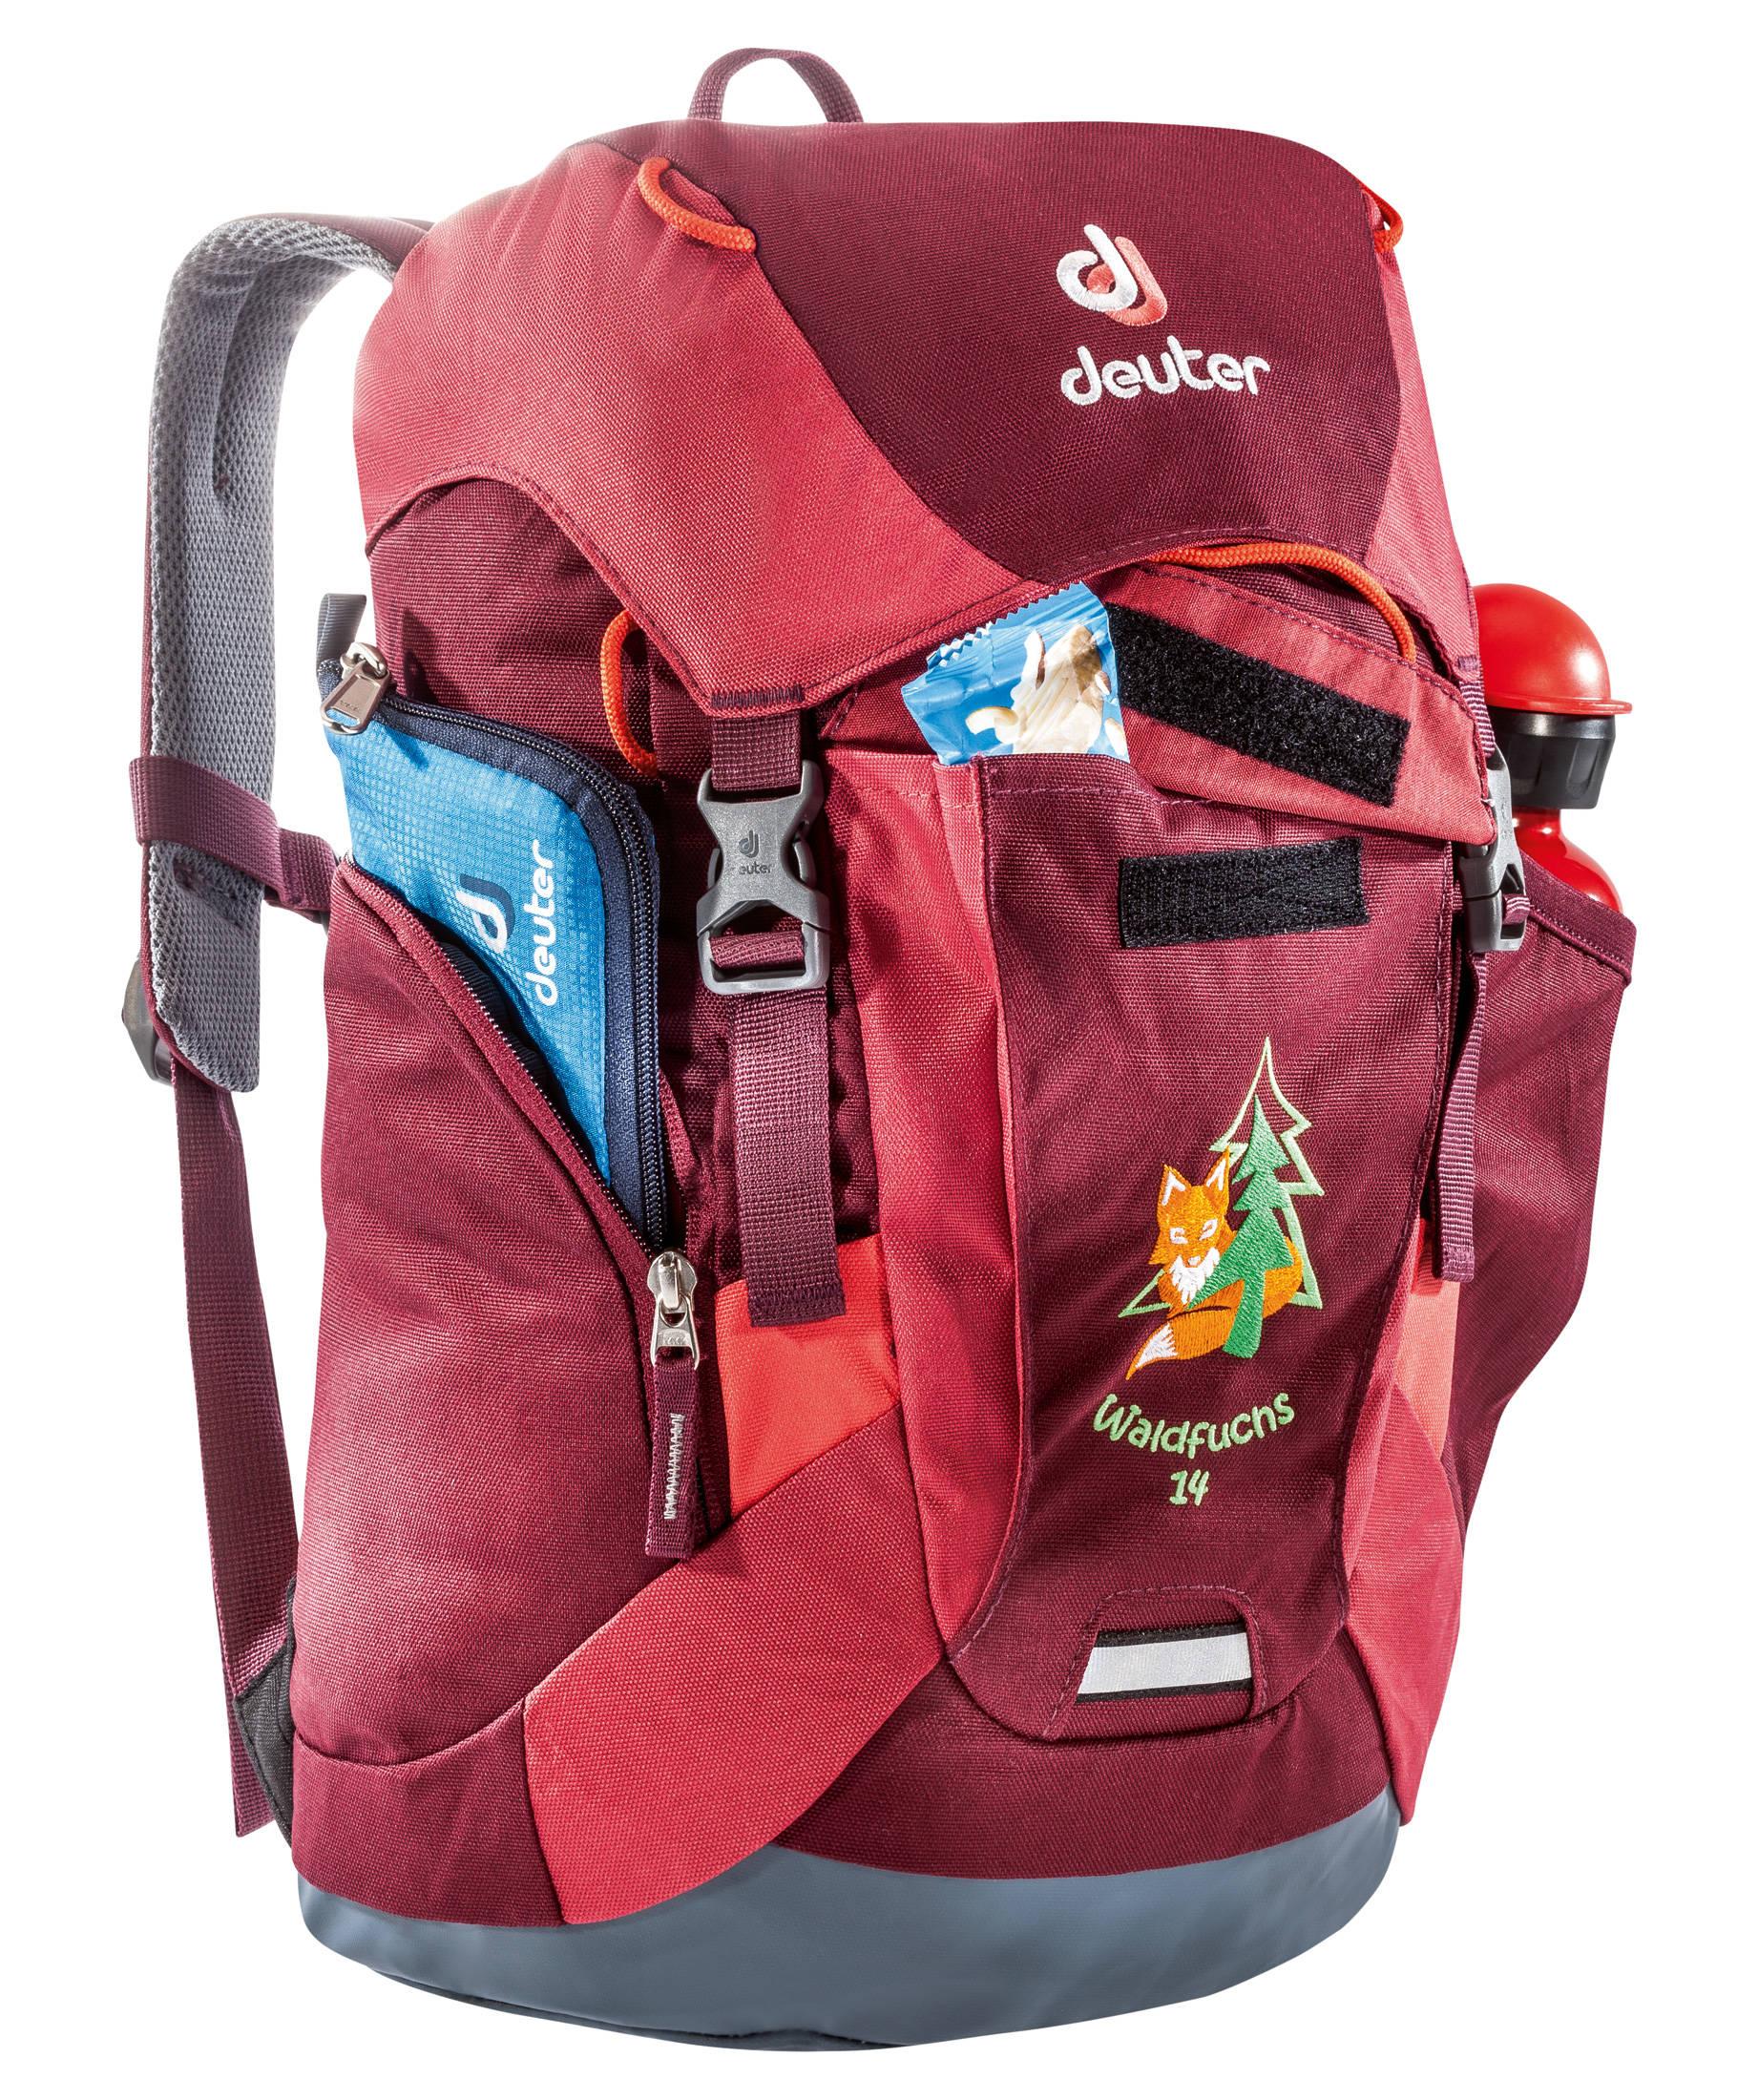 deuter kinder rucksack